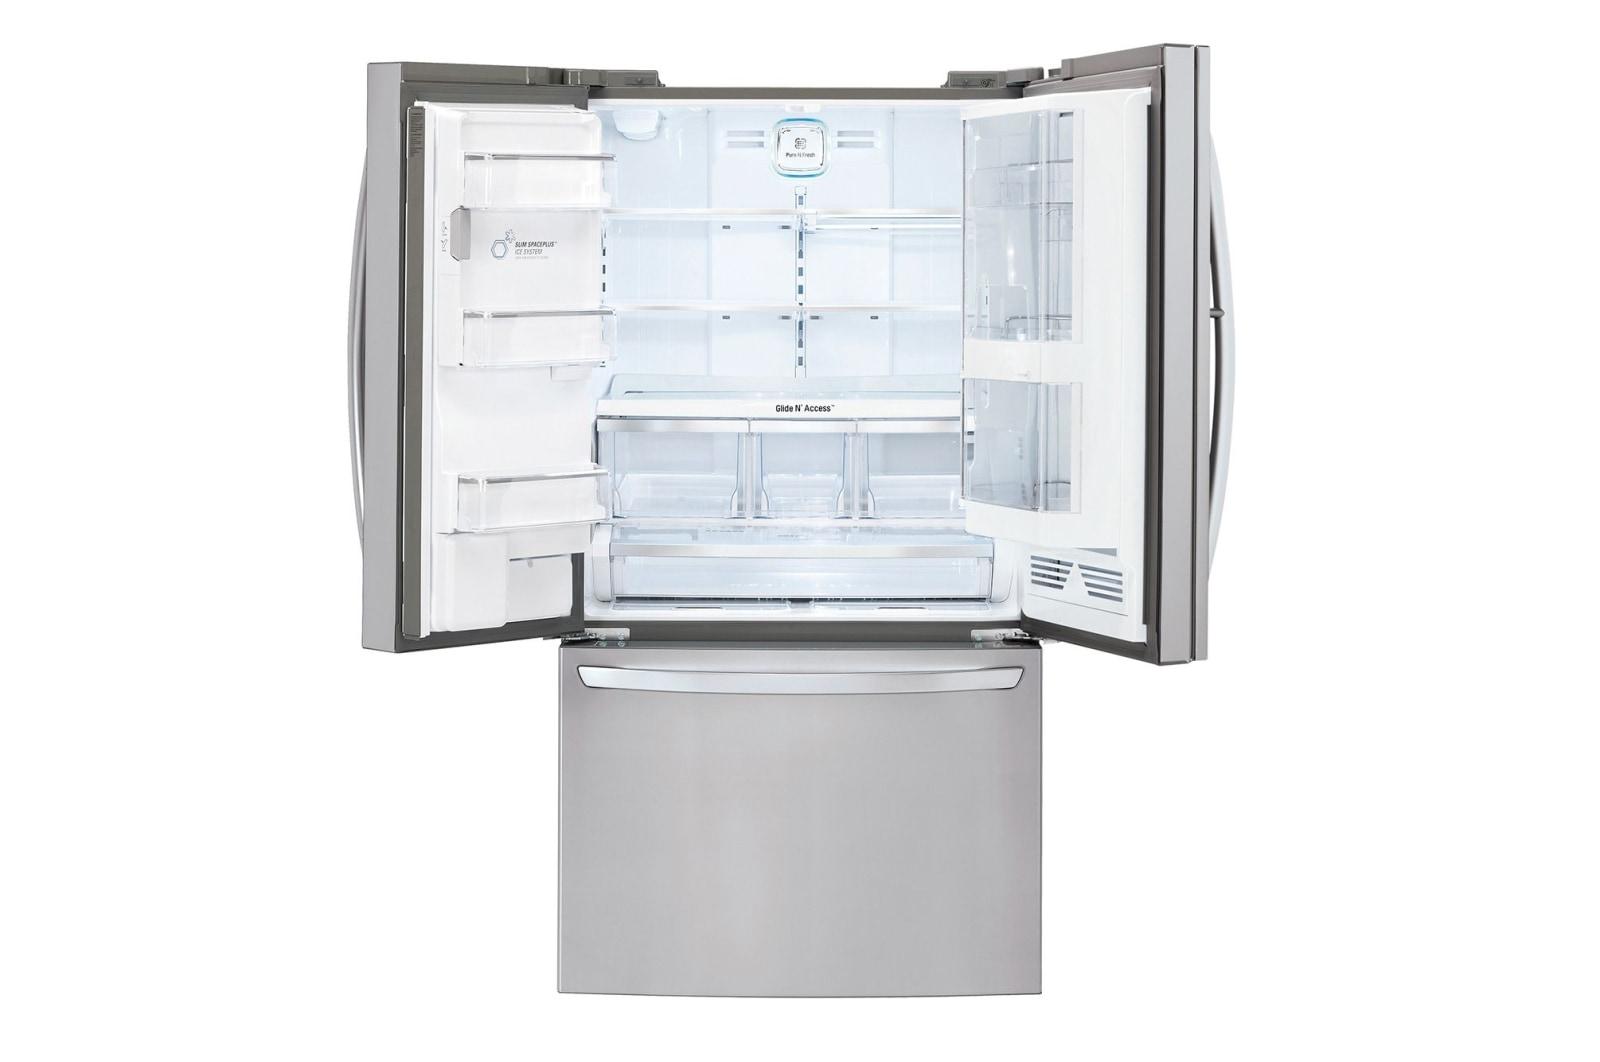 lg refrigerator ice maker. gf-sd730sl lg refrigerator ice maker n